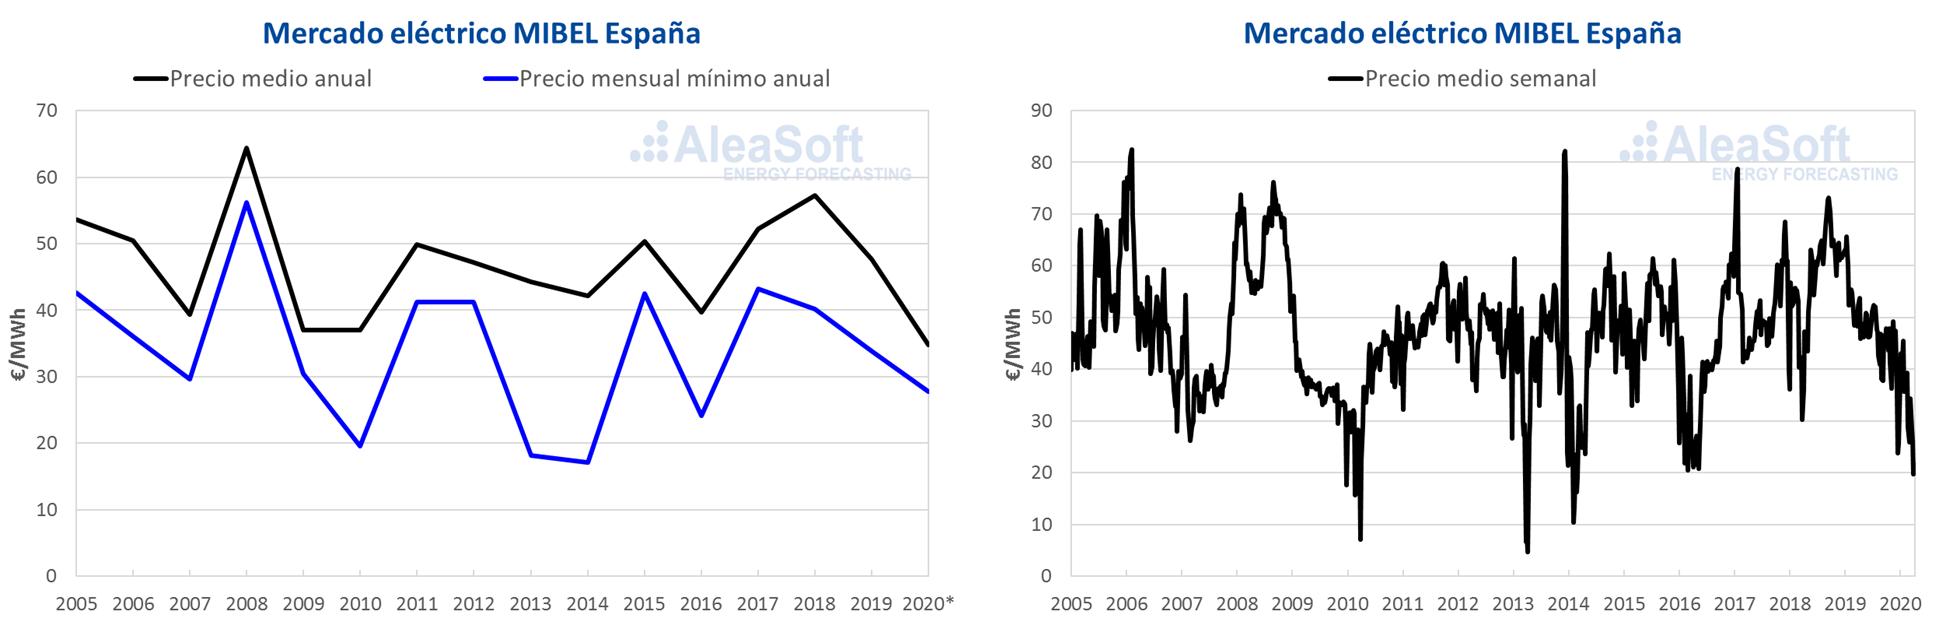 AleaSoft - Precios mercado electricidad MIBEL Espana